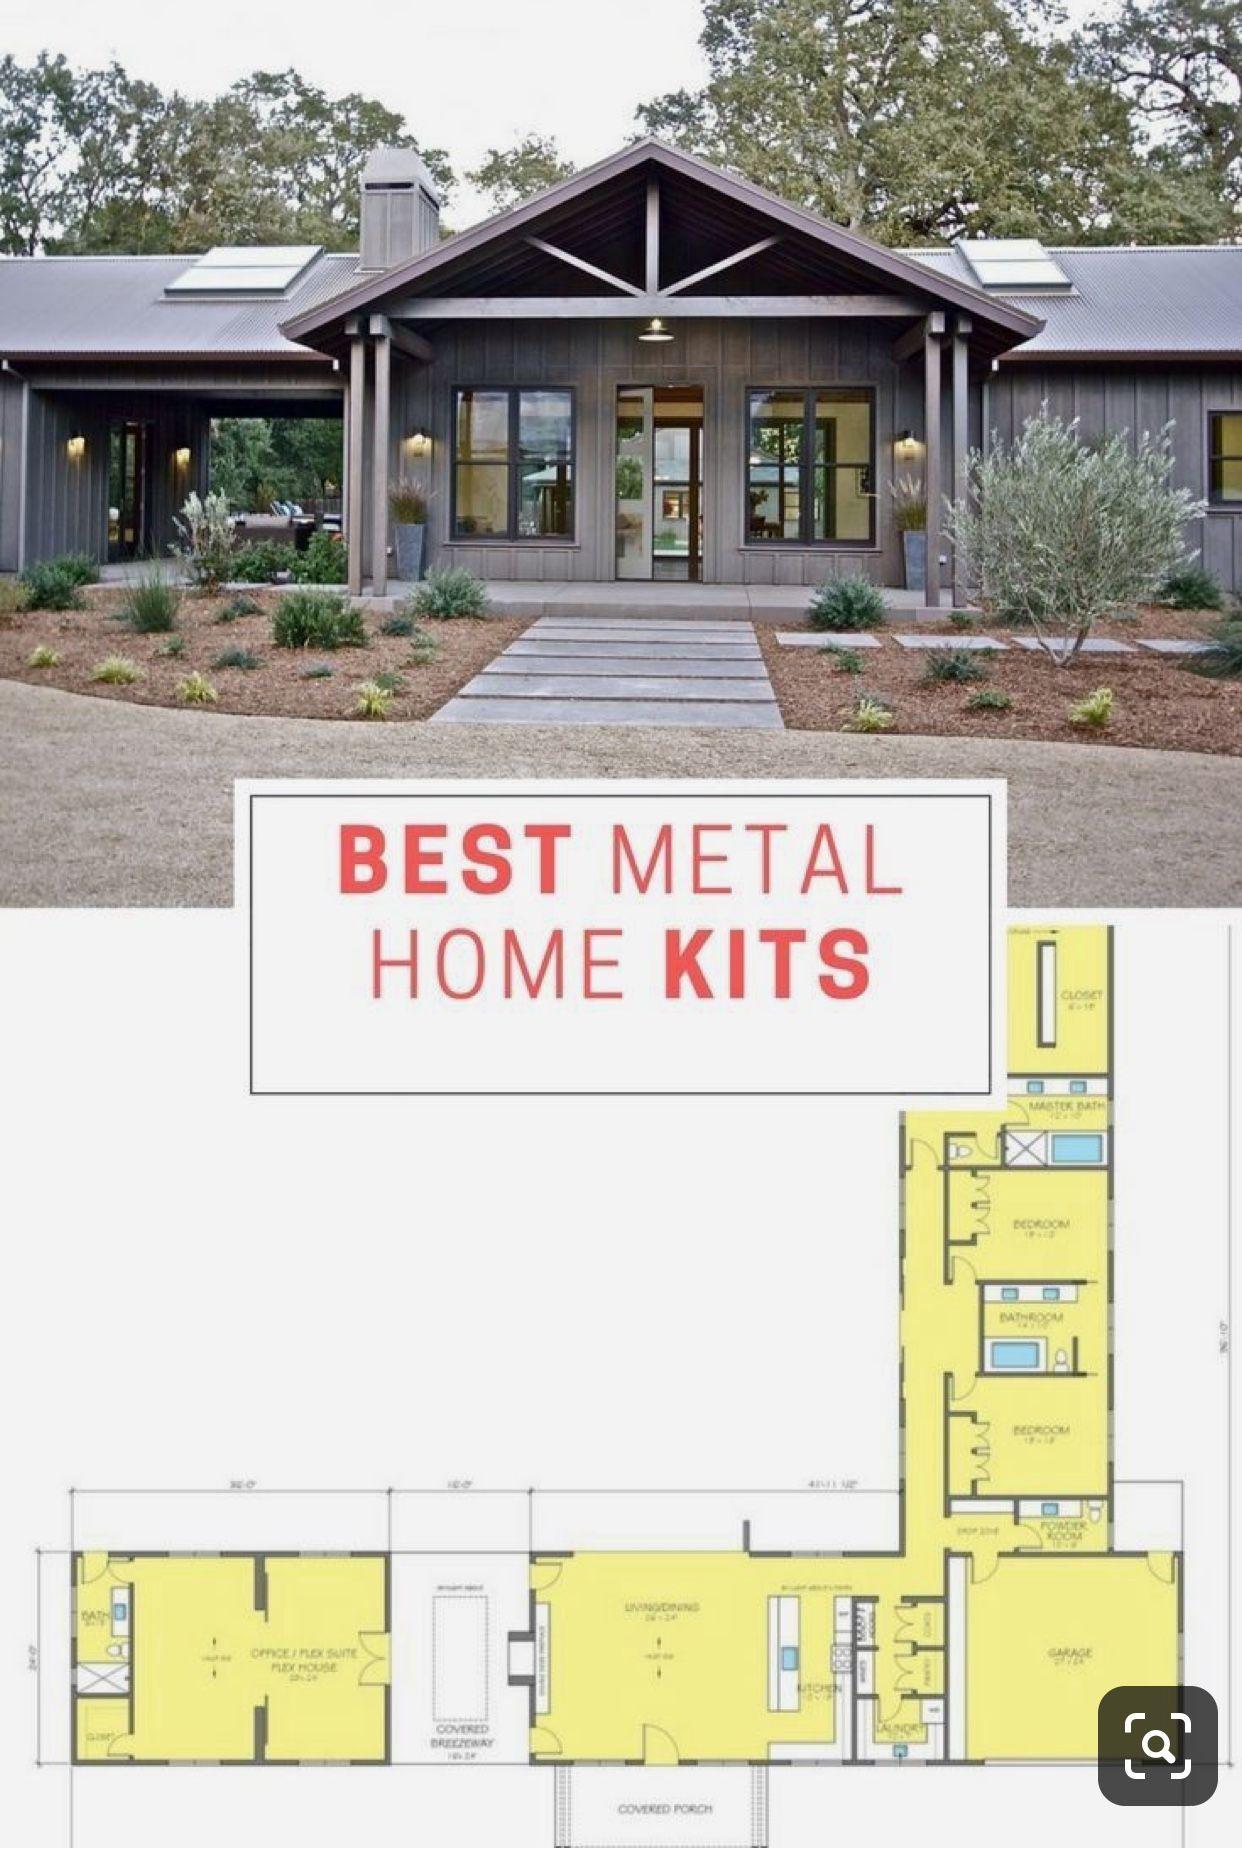 Curb Appeal Steel Building Homes Metal Building Home Kits Metal Building Homes